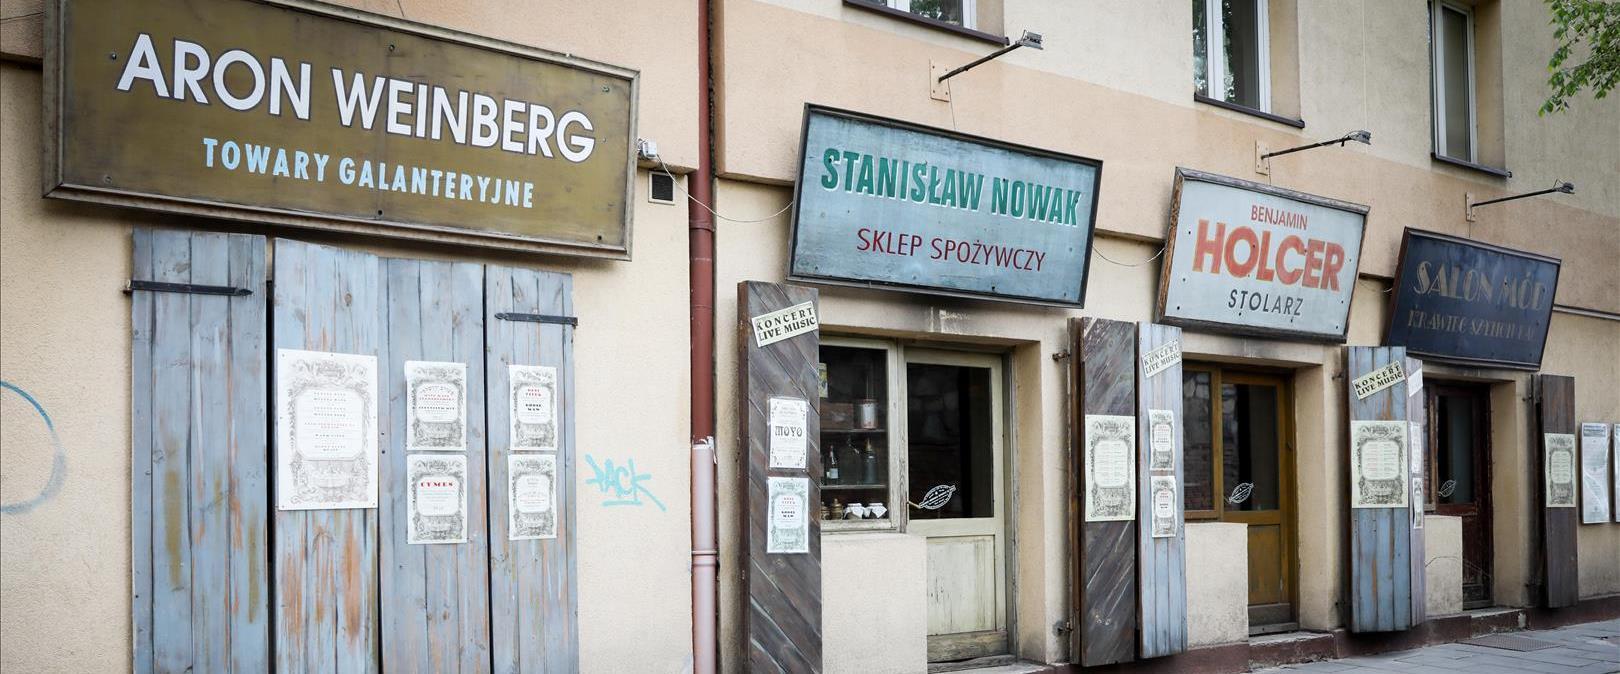 חנויות של יהודים בקרקוב, פולין